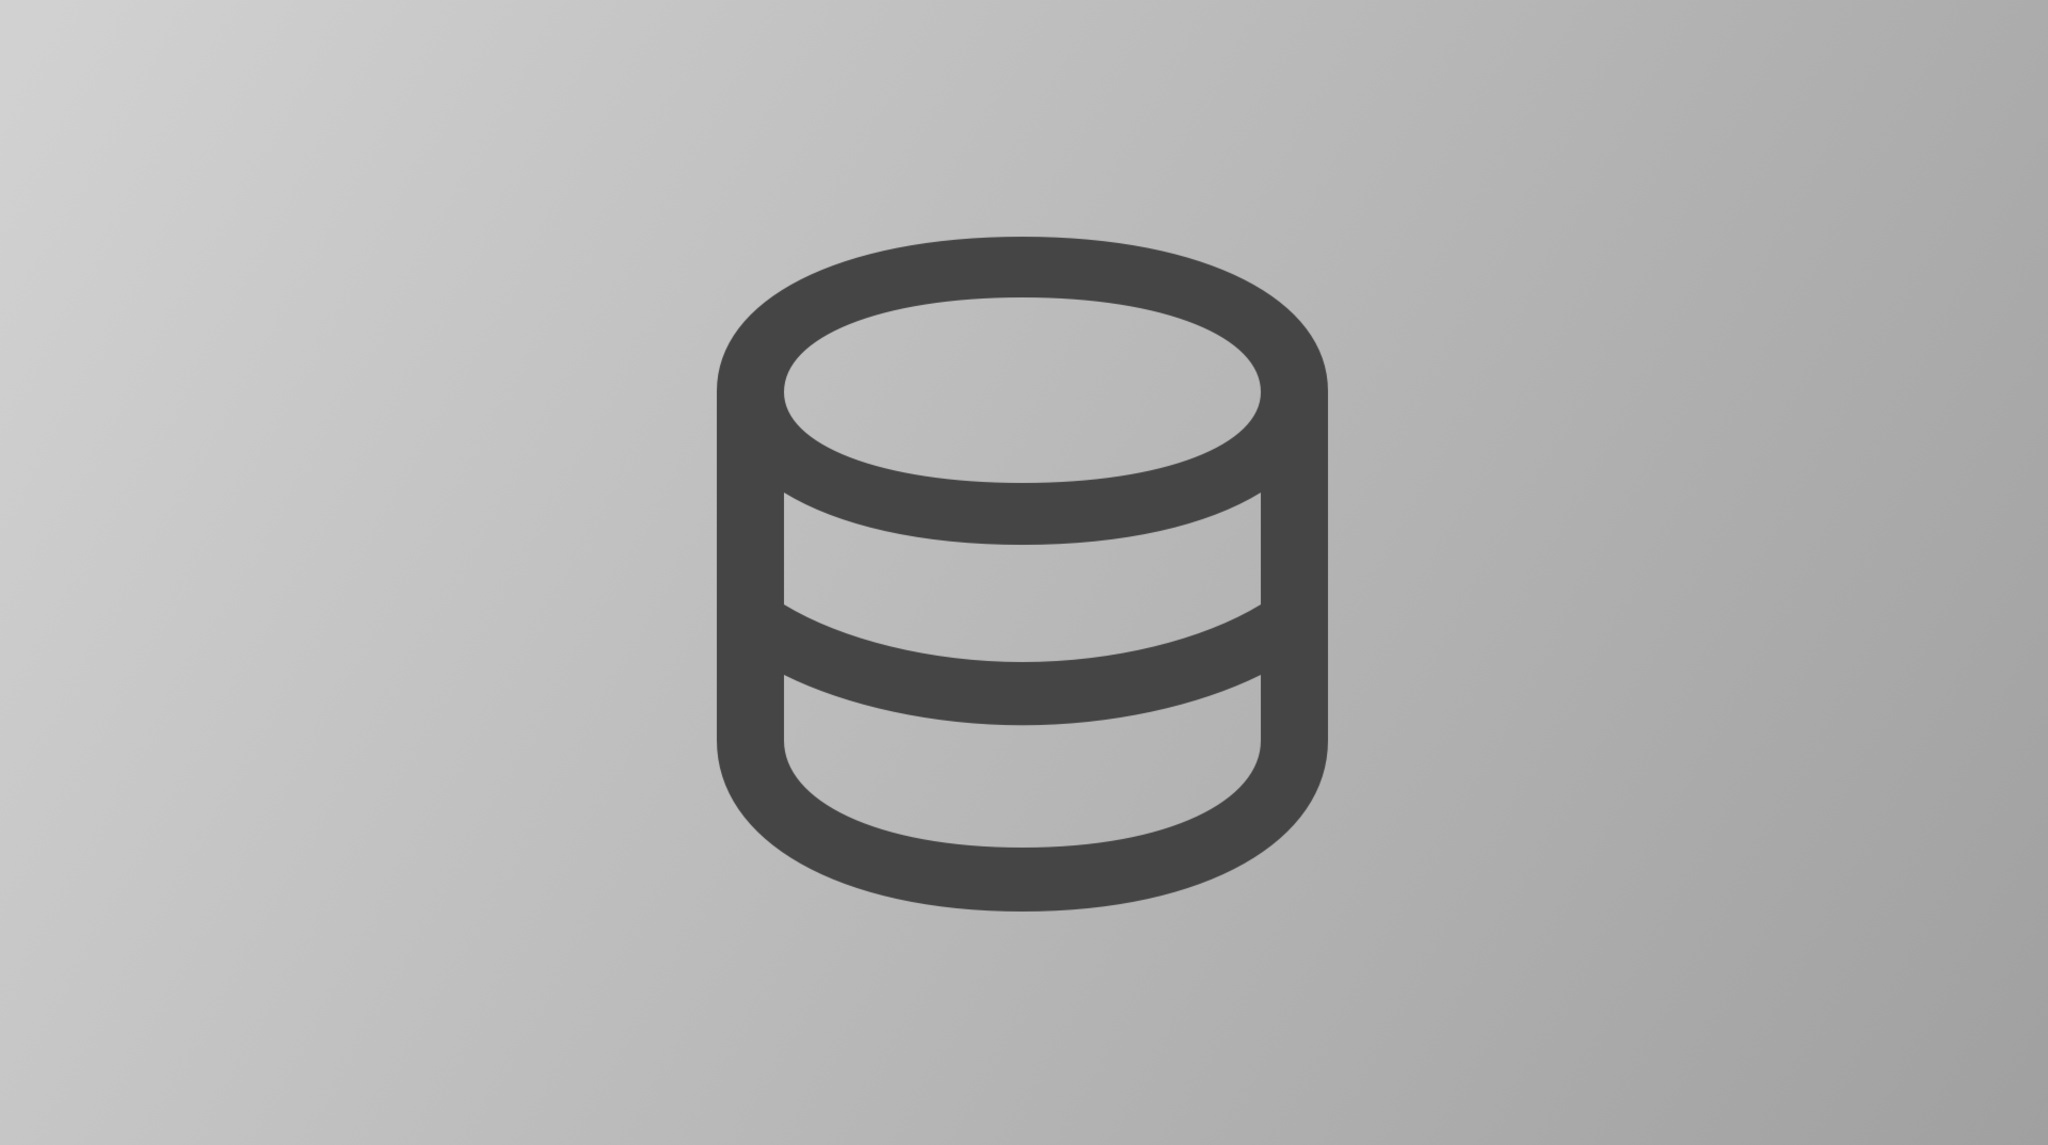 Core data icon